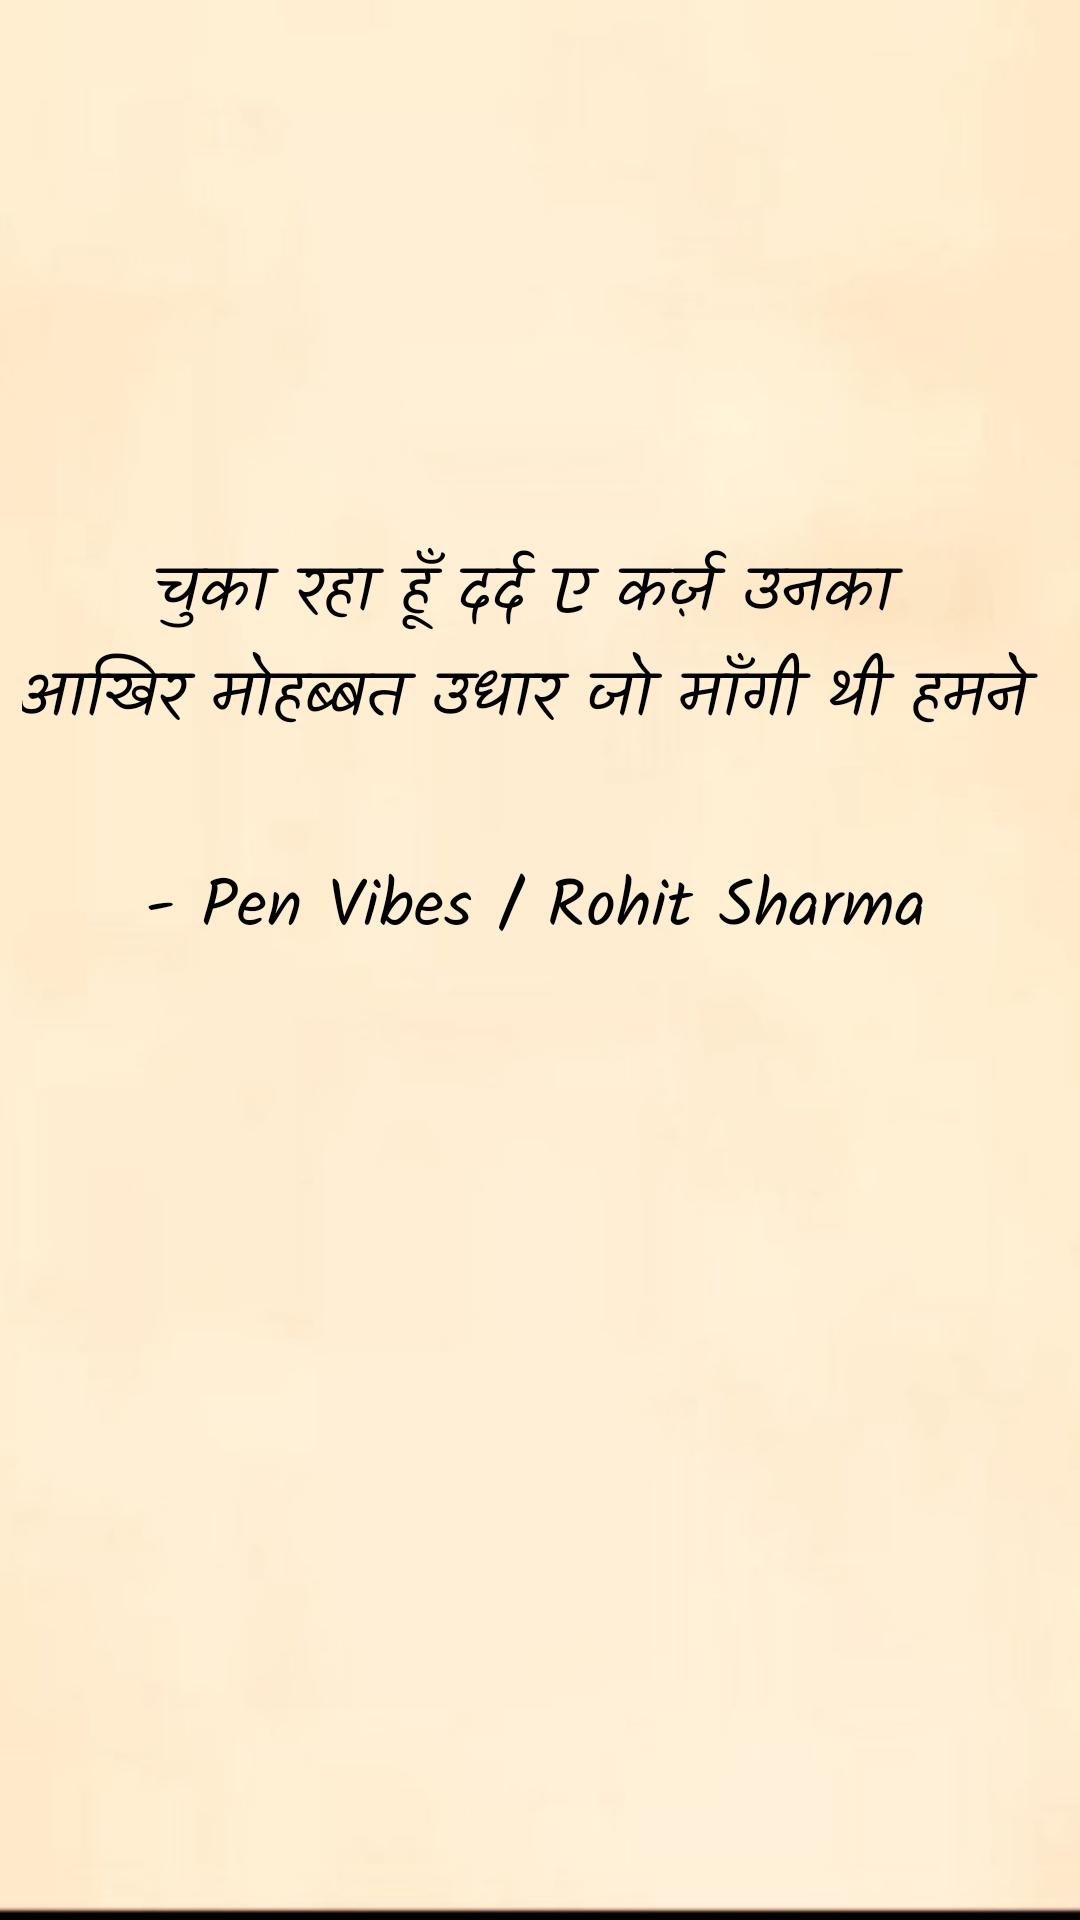 चुका रहा हूँ दर्द ए कर्ज़ उनका  आखिर मोहब्बत उधार जो माँगी थी हमने   - Pen Vibes / Rohit Sharma